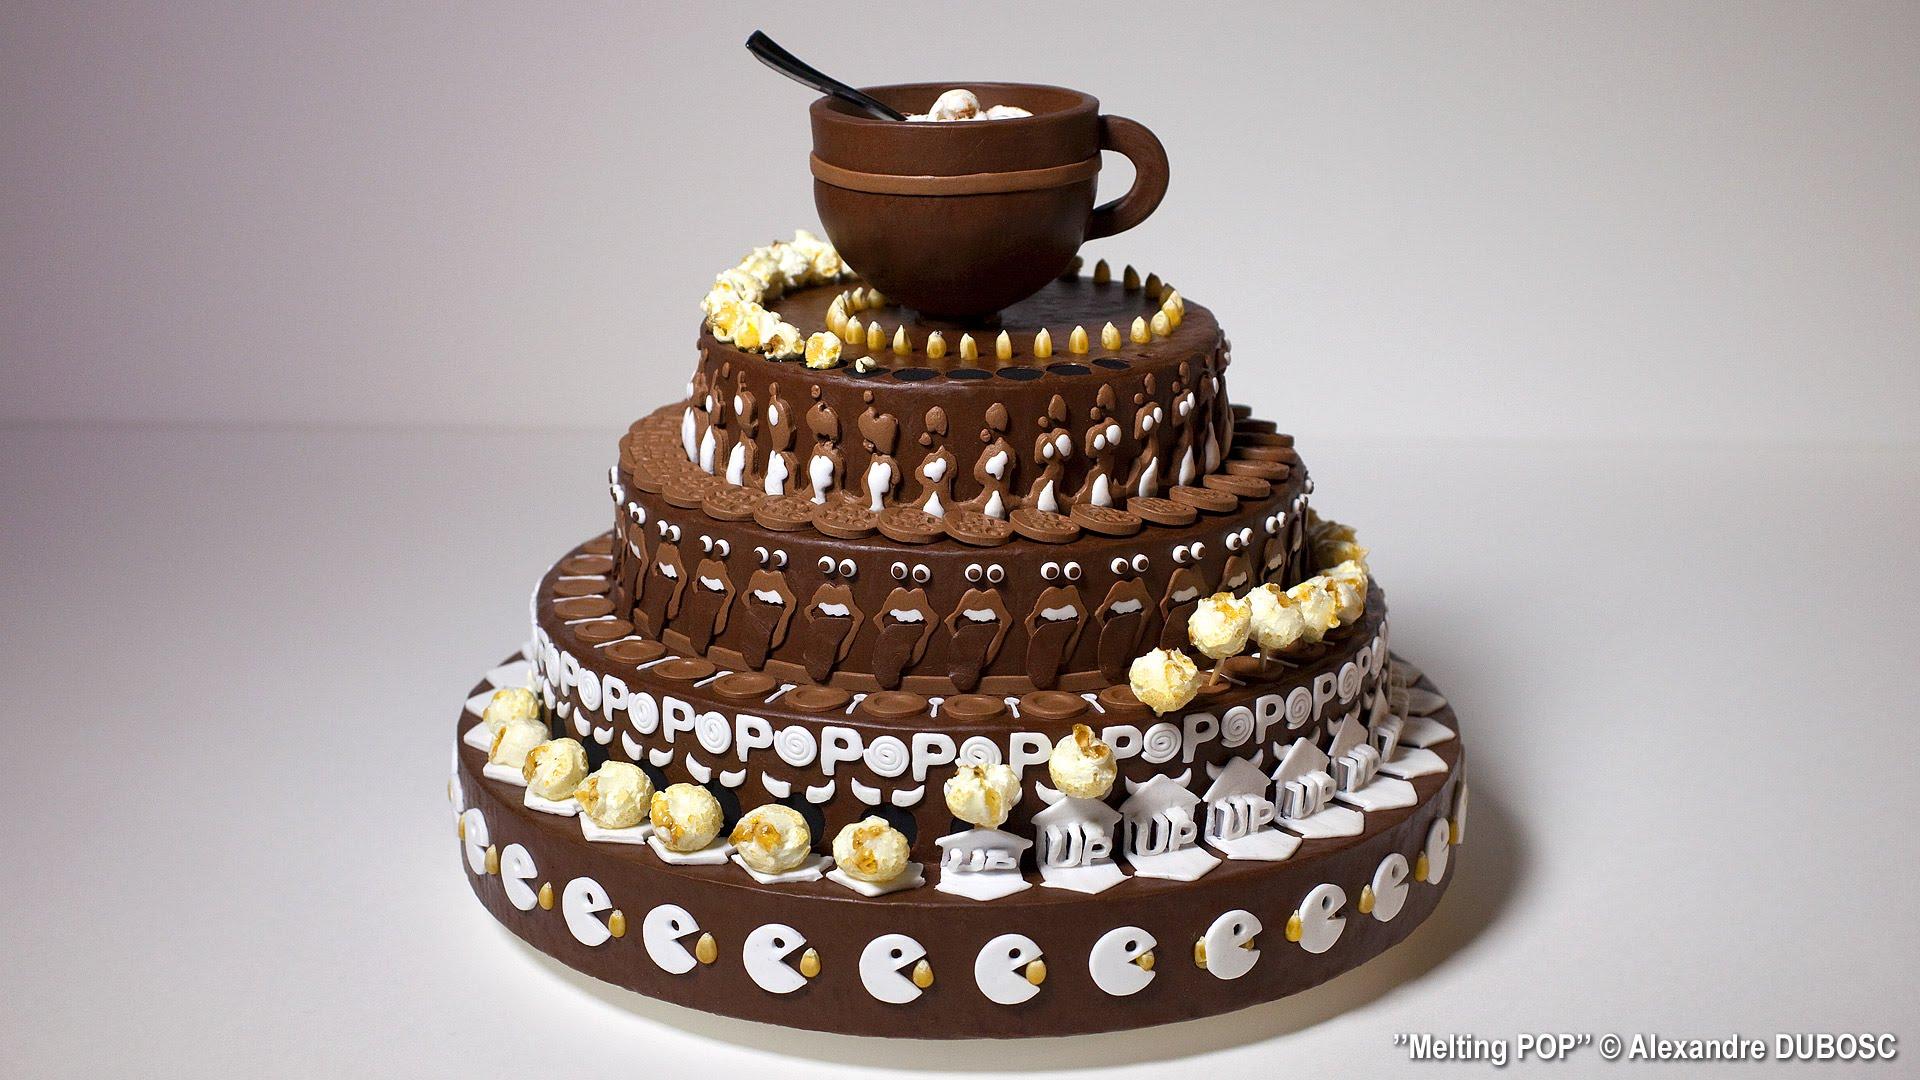 Αυτή η τούρτα είναι διαφορετική από τις άλλες. Τι είναι αυτό που την ξεχωρίζει; Κινείται!